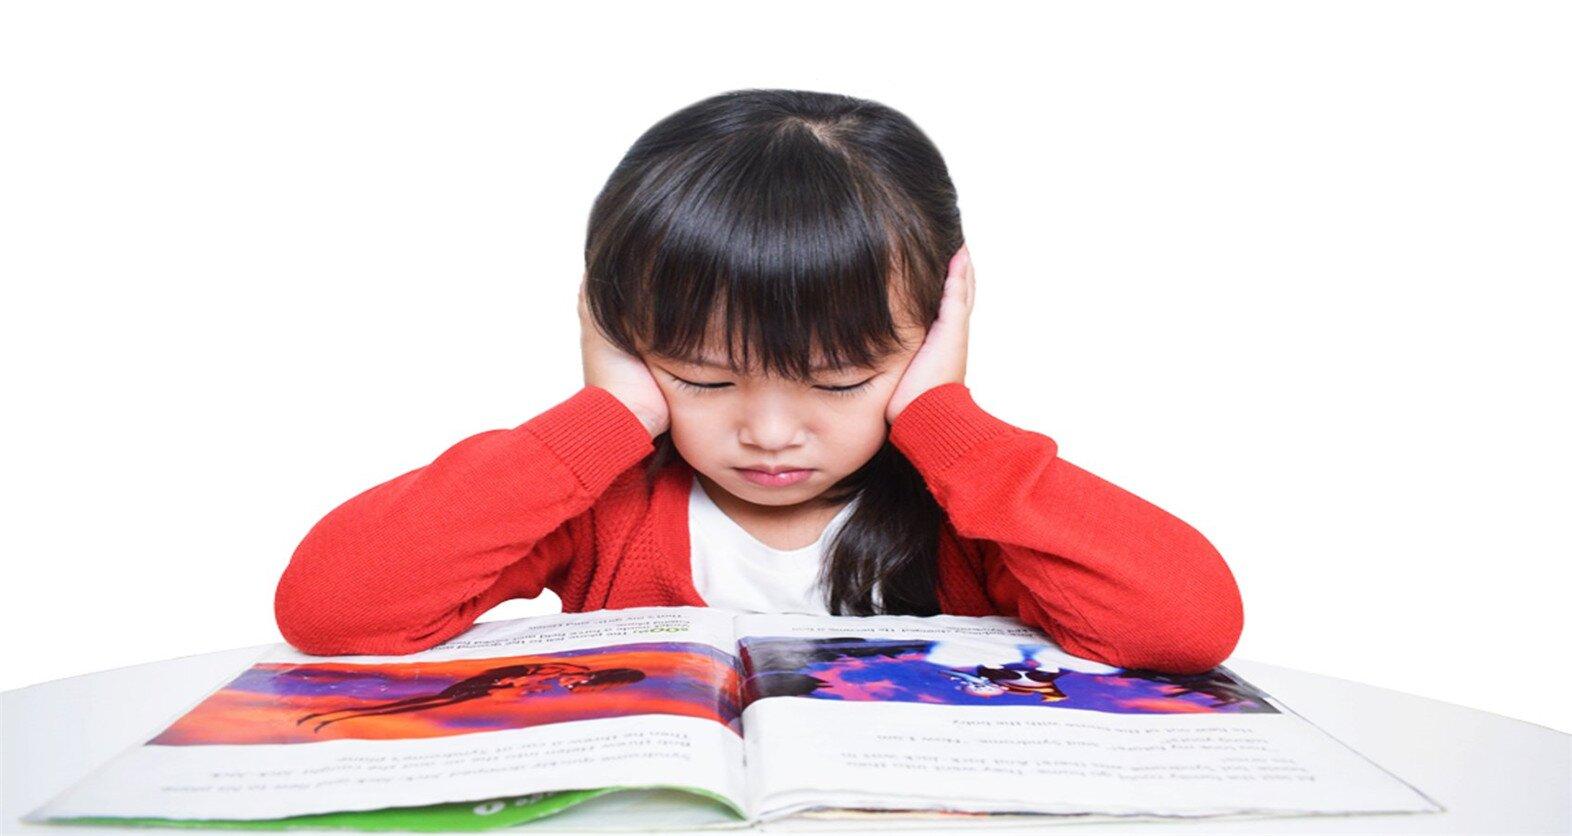 掌握阅读和拼写技巧的重要性